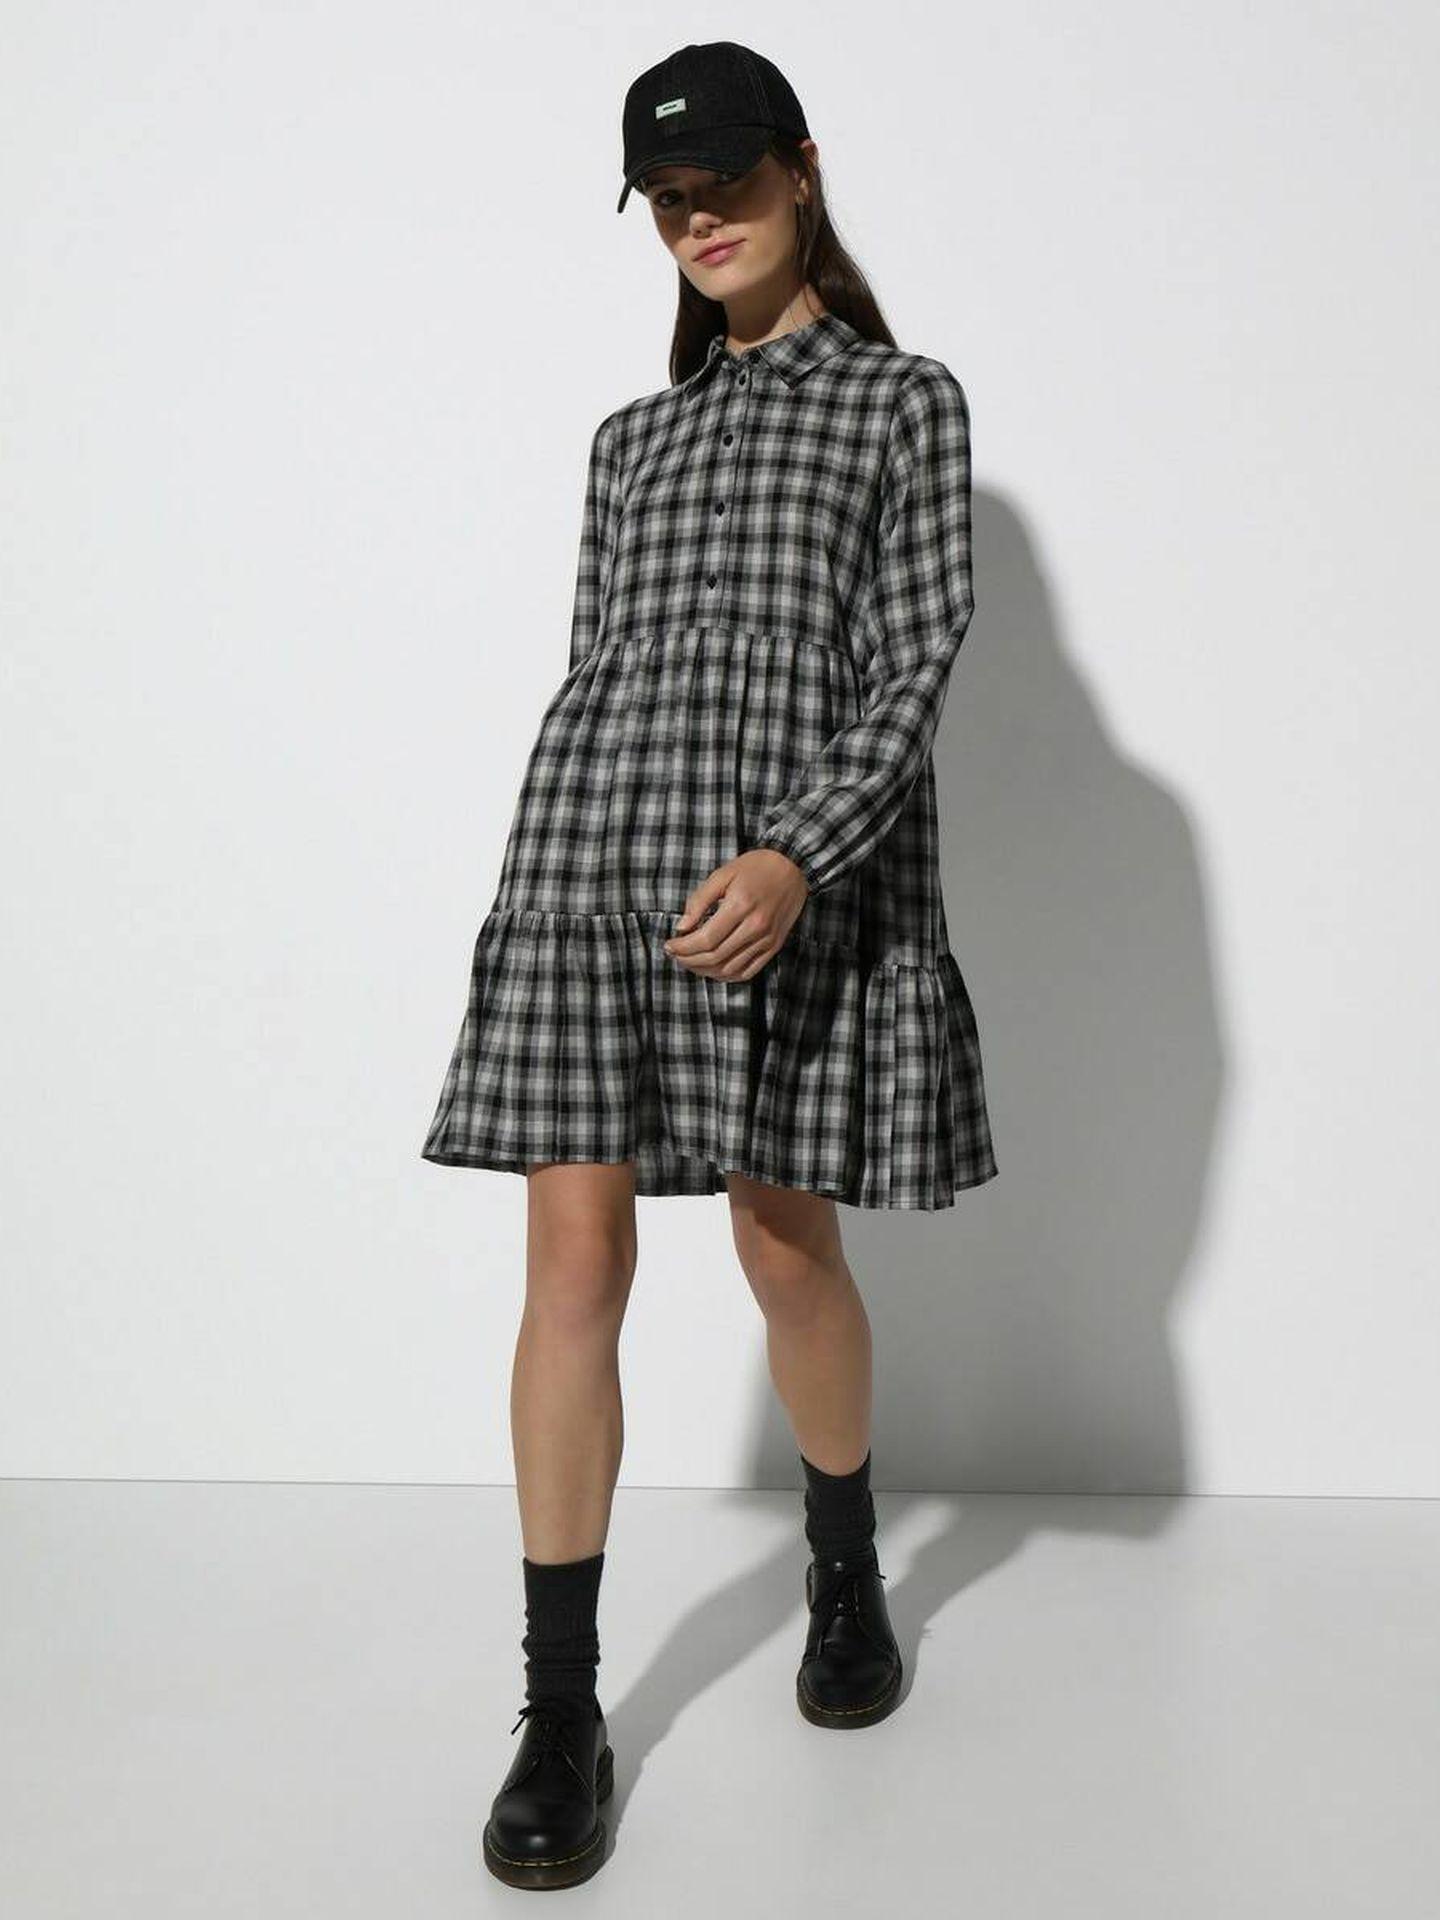 Vestido de cuadros de Easy Wear a la venta en El Corte Inglés. (Cortesía)